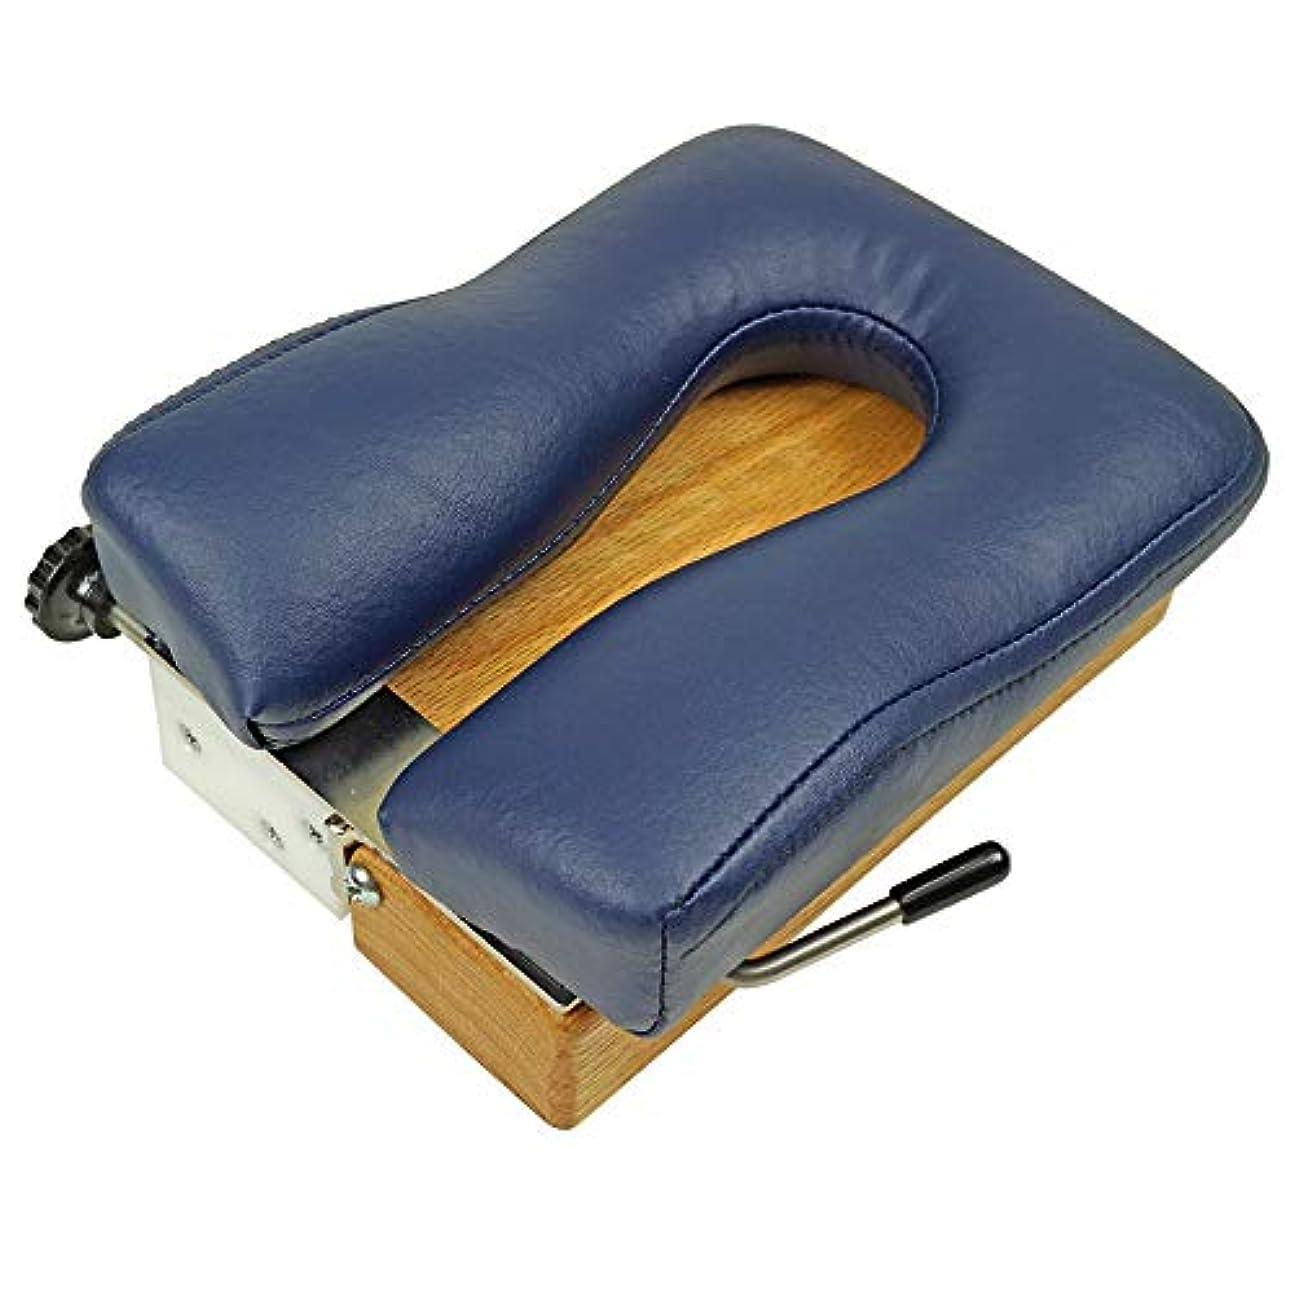 リー個人的な住むLLOYD (ロイドテーブル) ターグルリコイル ドロップ ポータブルドロップ 【 ヘッドピース 上部頚椎用 】